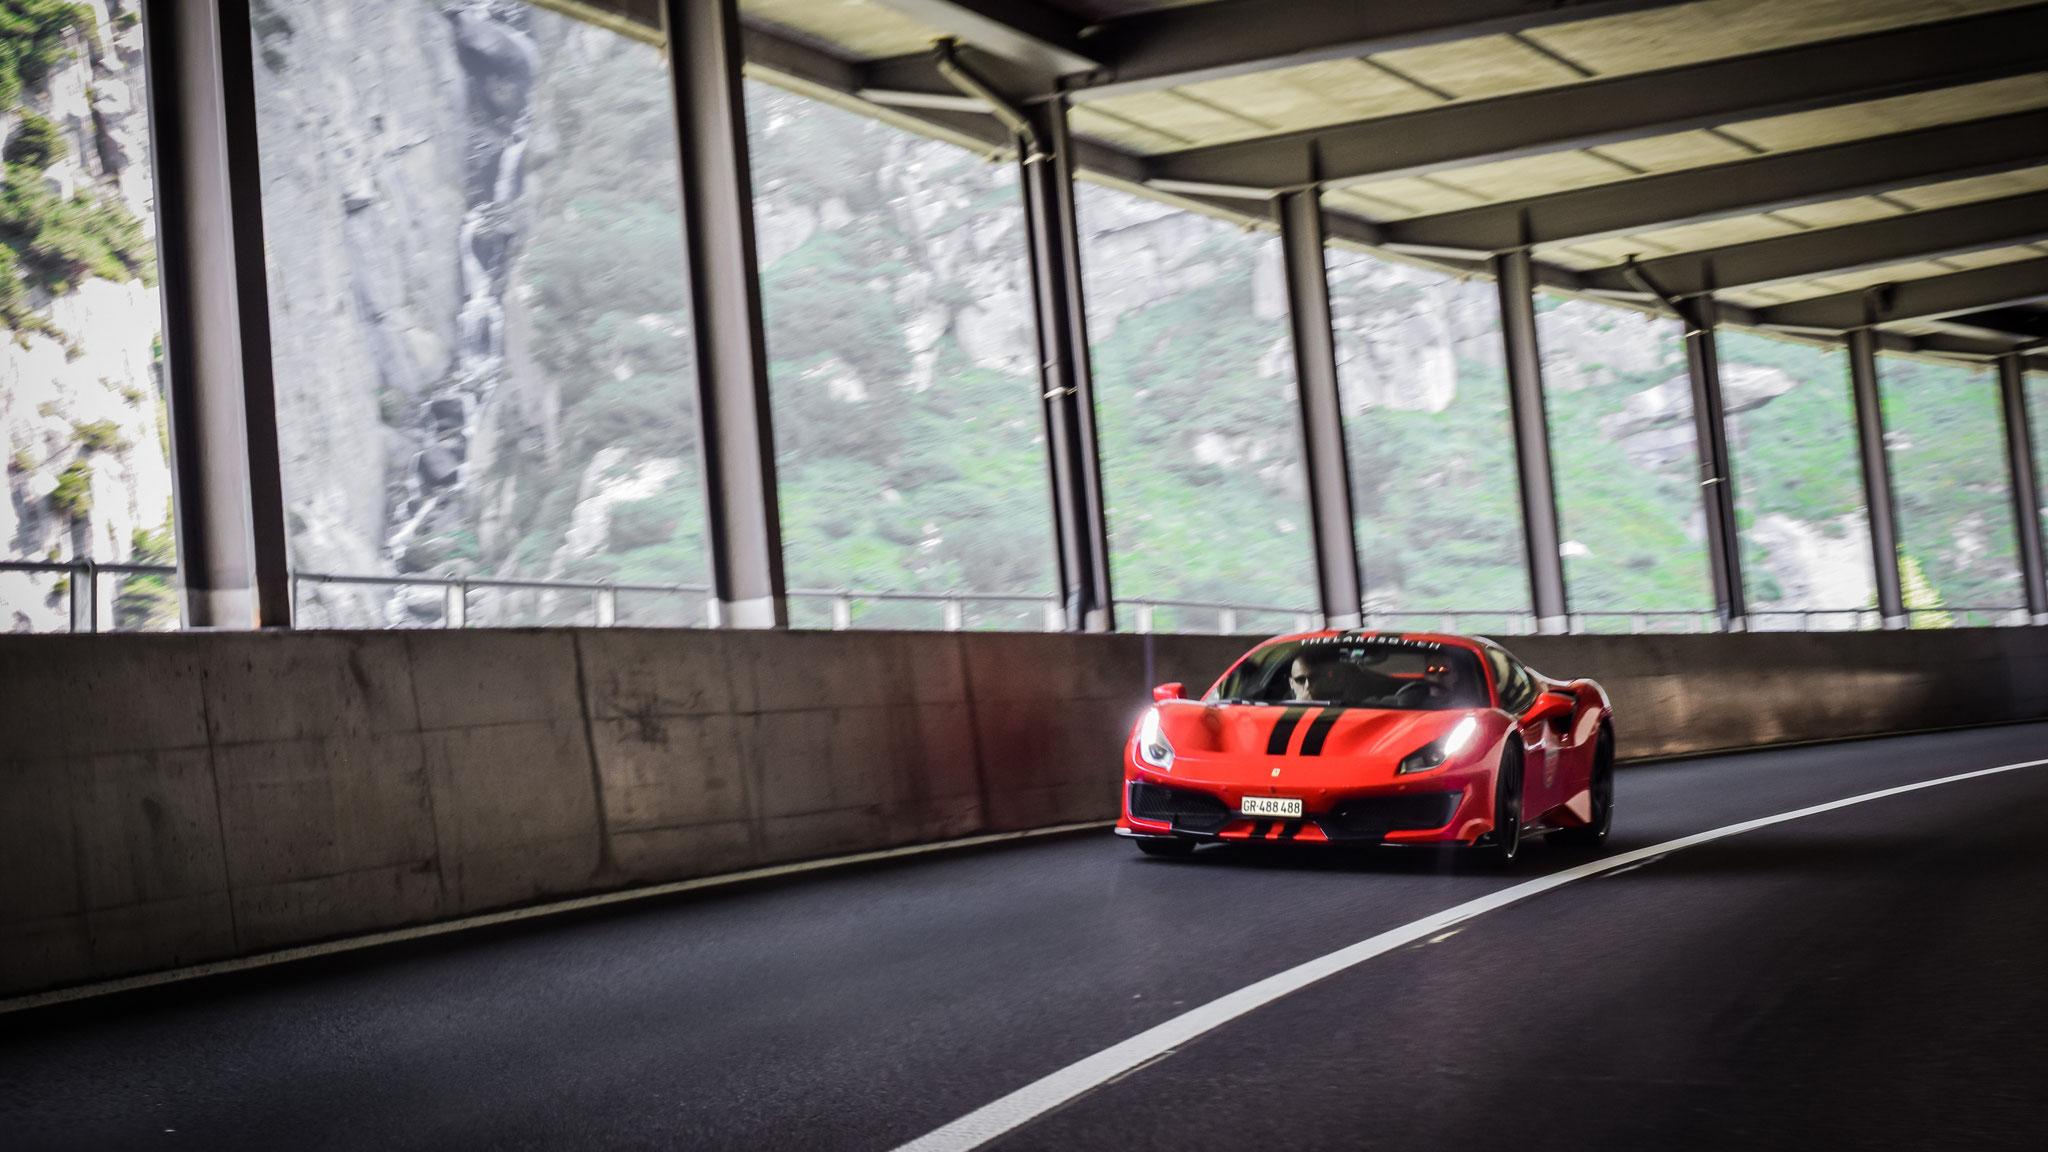 Ferrari 488 Pista - GR-488488 (CH)